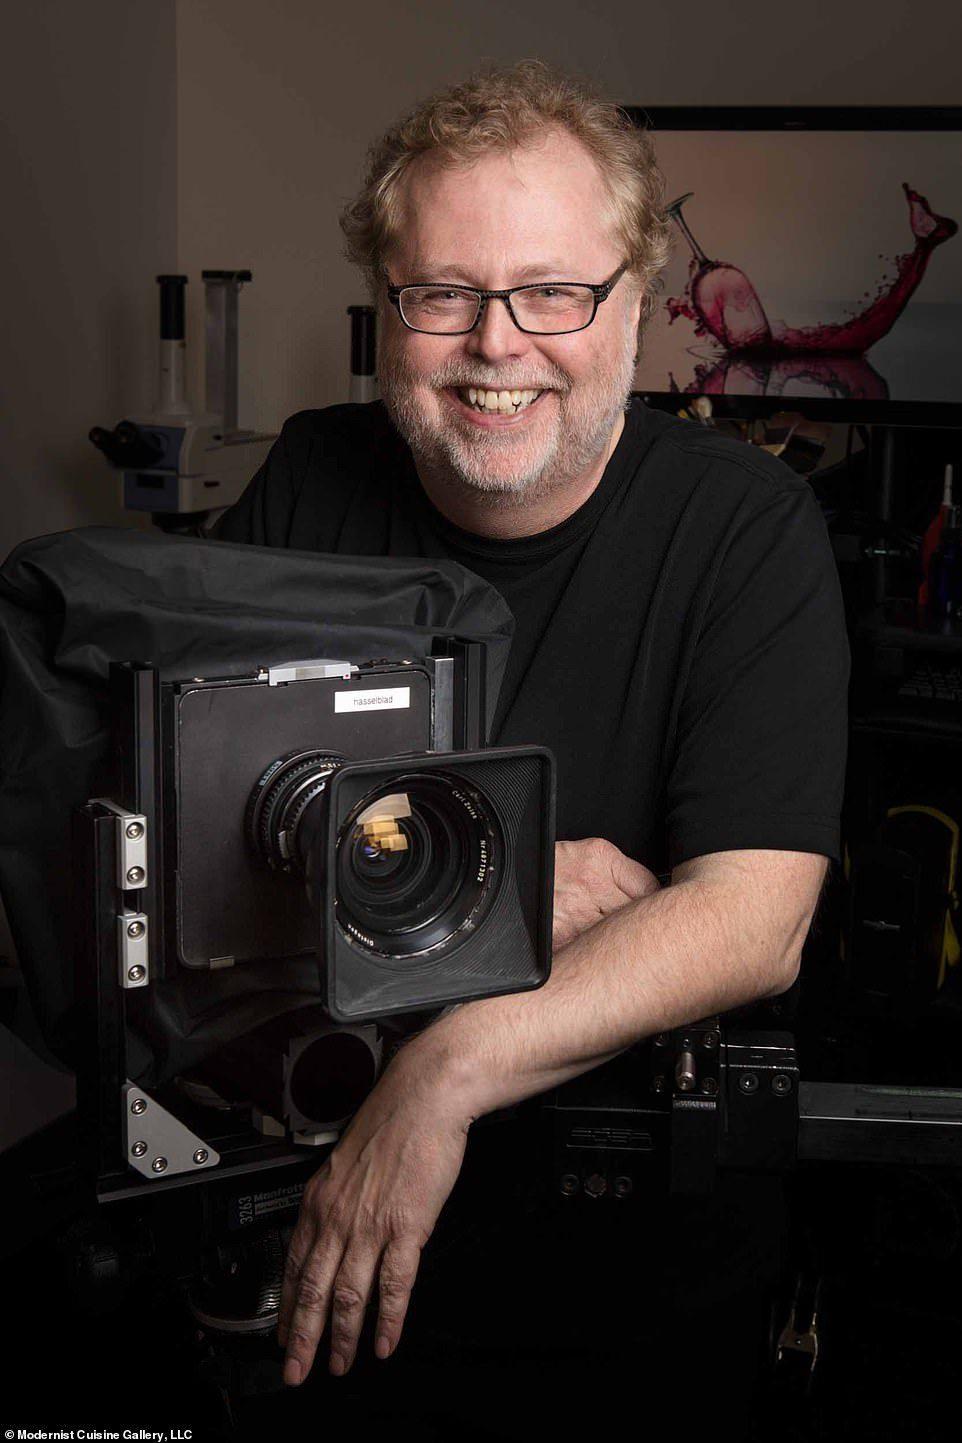 微軟前員工打造22公斤超級相機 拍出「史上最高清雪花」細節像比寶石更狂!